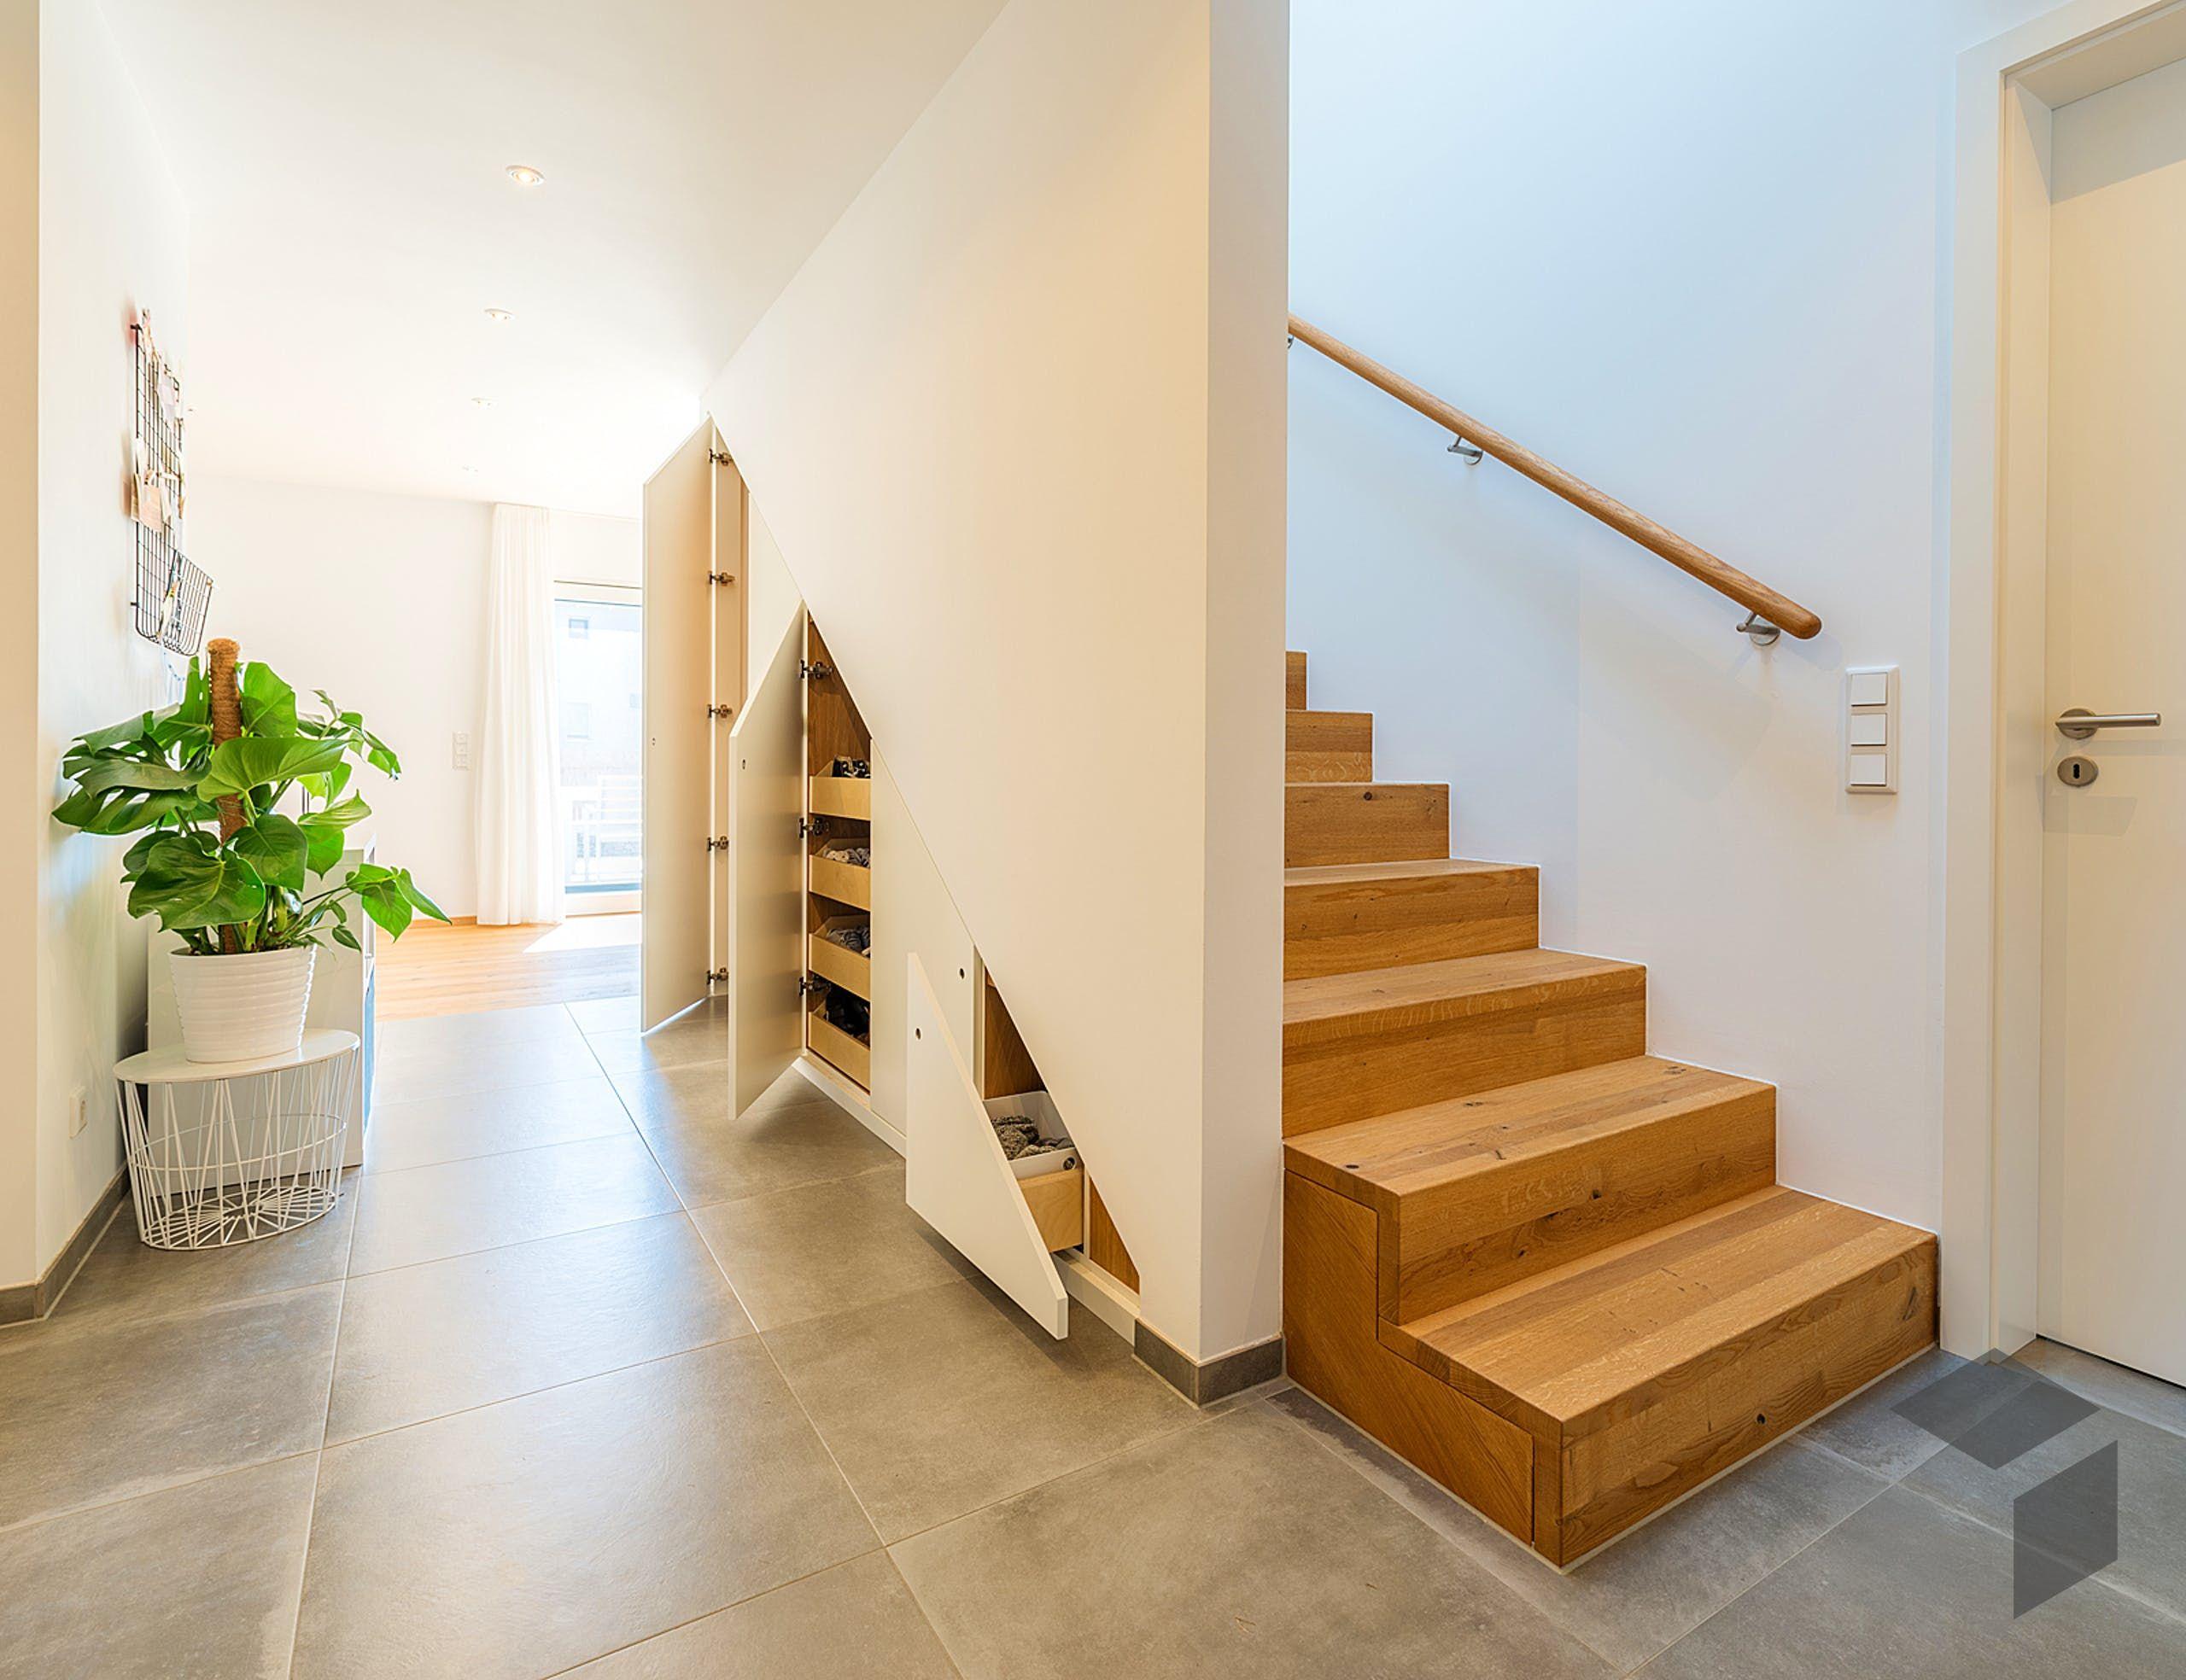 treppe mit integriertem stauraum aus dem kundenhaus 39 herb 39 von baufritz alle infos zum haus. Black Bedroom Furniture Sets. Home Design Ideas